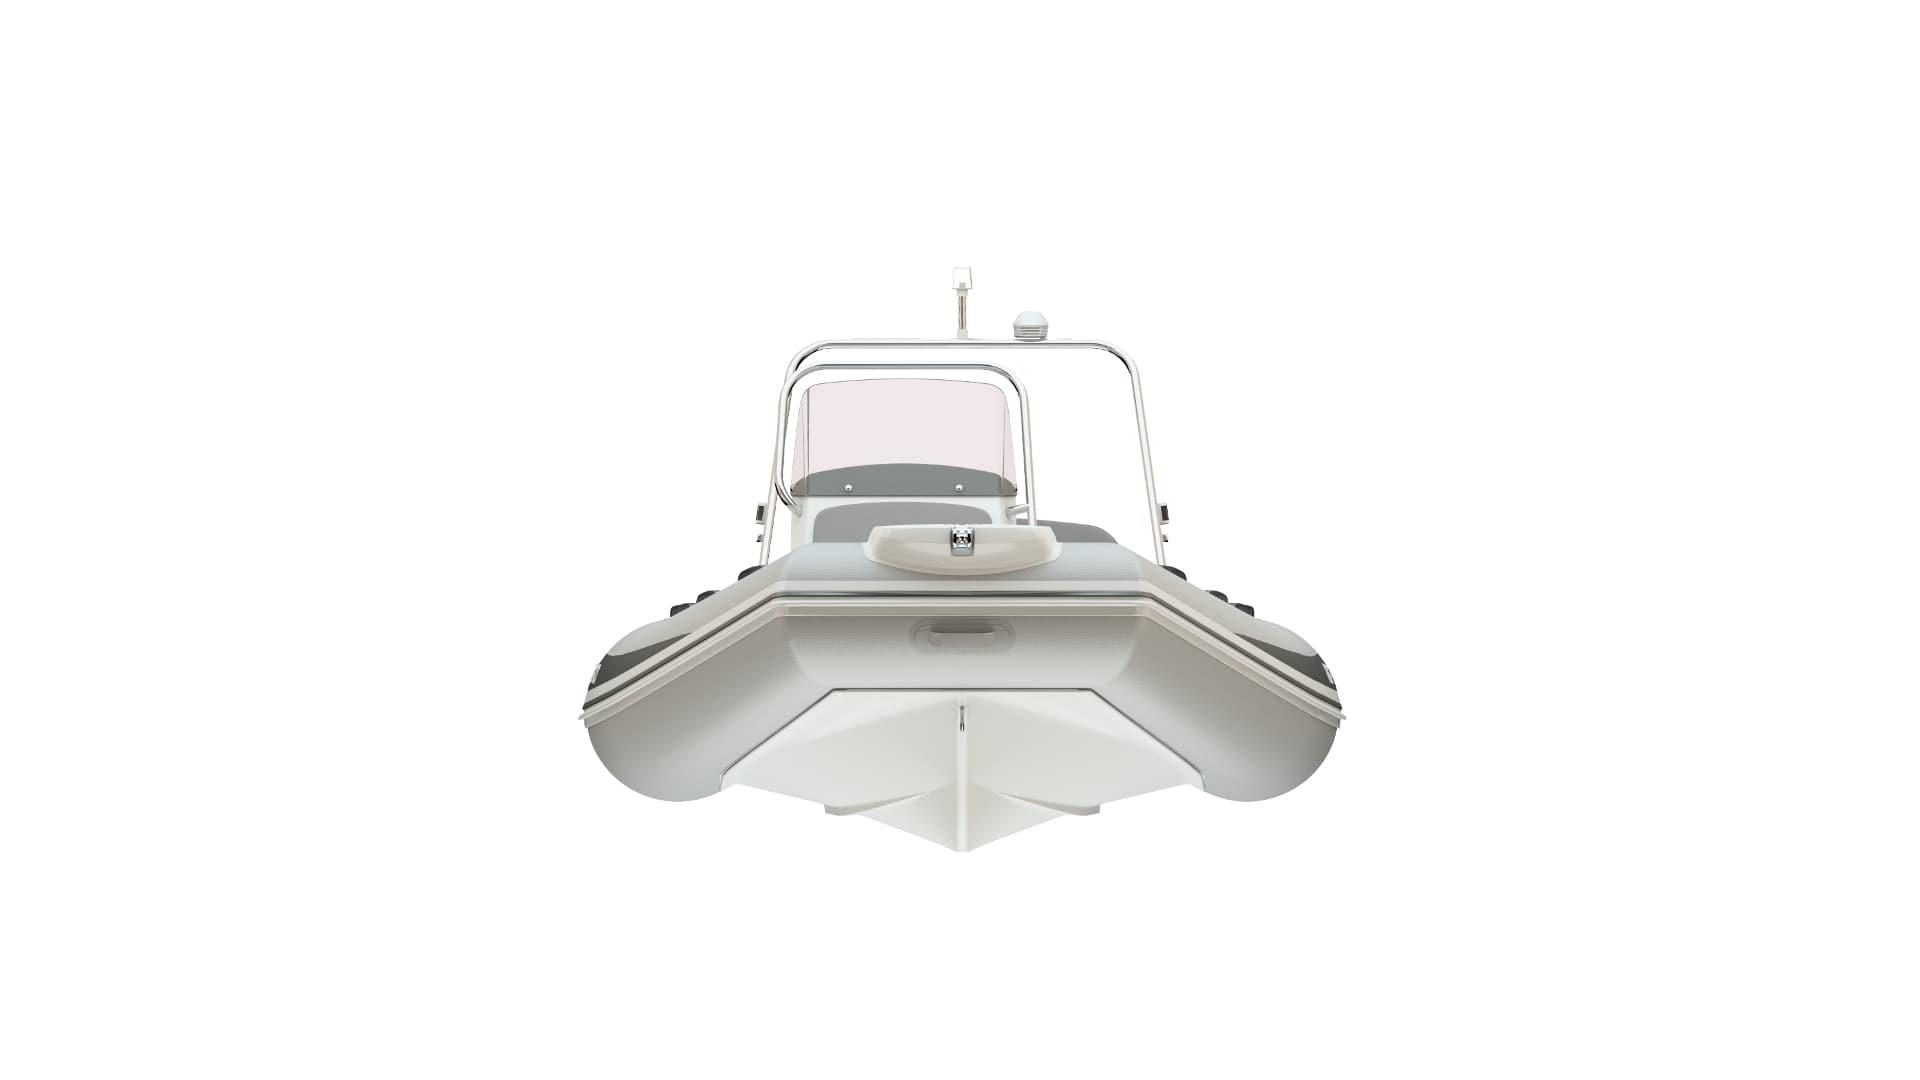 Надувная лодка GRAND Silver Line S470, GRAND Silver Line S470NL, GRAND Silver Line S470NLF, GRAND S470NL, GRAND S470NLF, S470NLF, S470NL, Надувная лодка GRAND, Надувная лодка ГРАНД, Надувная лодка с жестким дном, RIB, Rigid Inflatable Boats